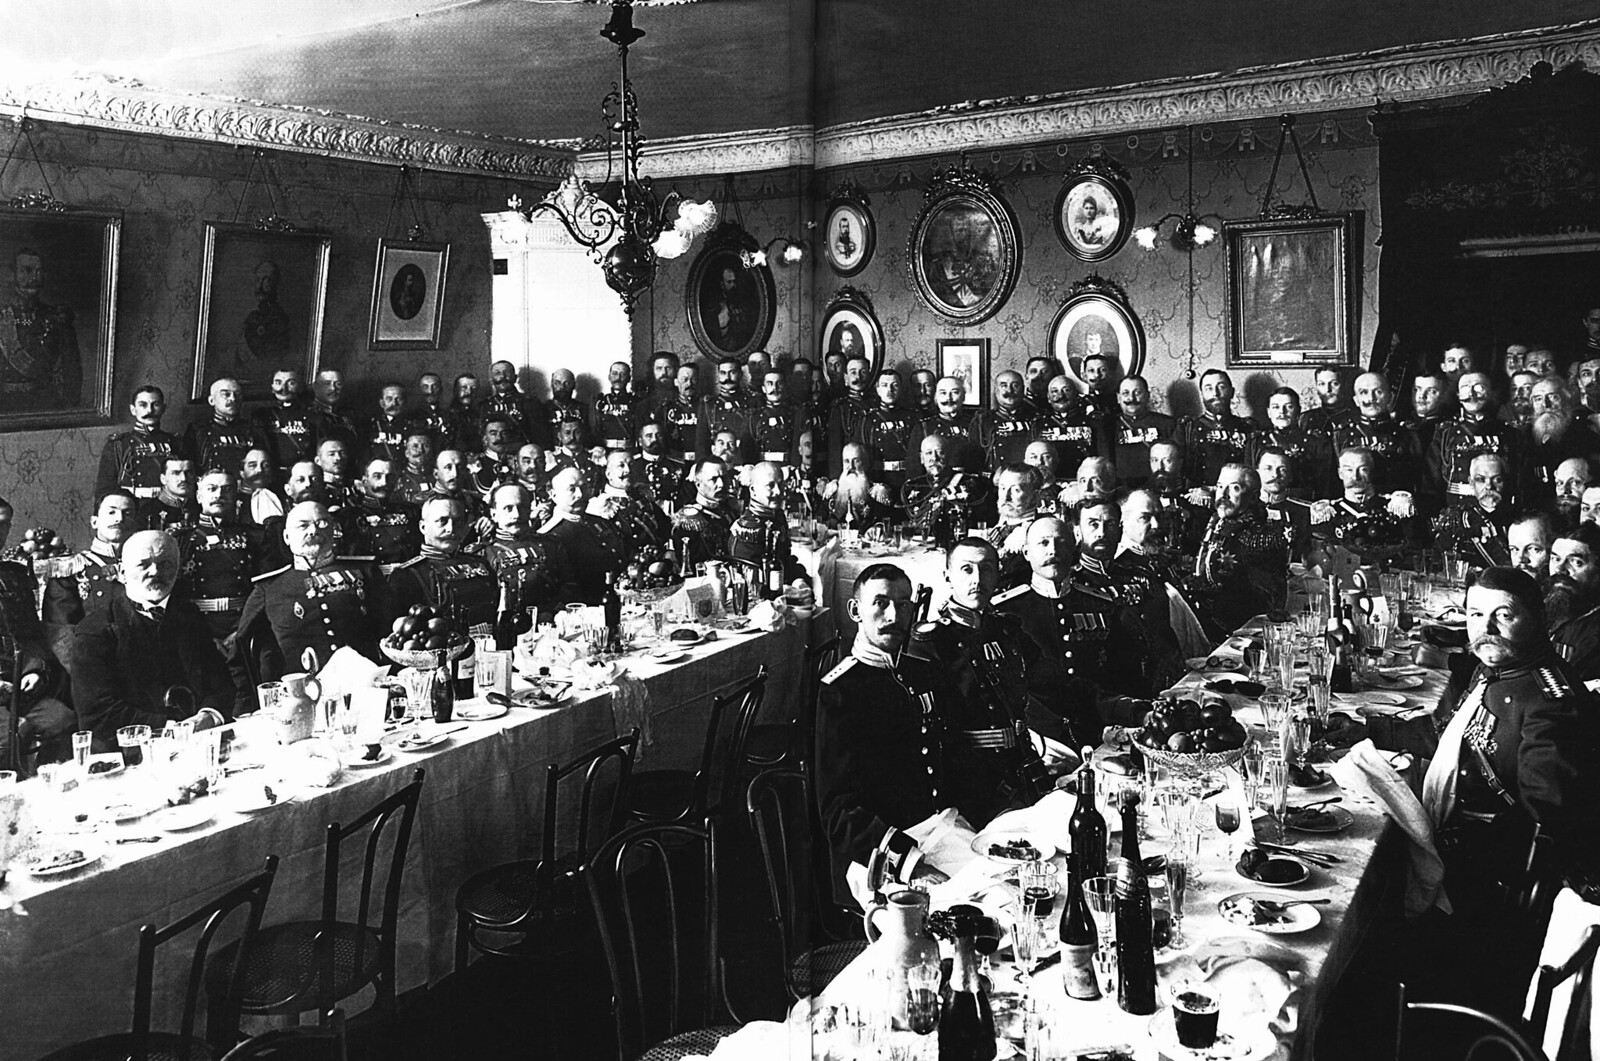 1914. Банкет для личного состава Фельдегерского корпуса